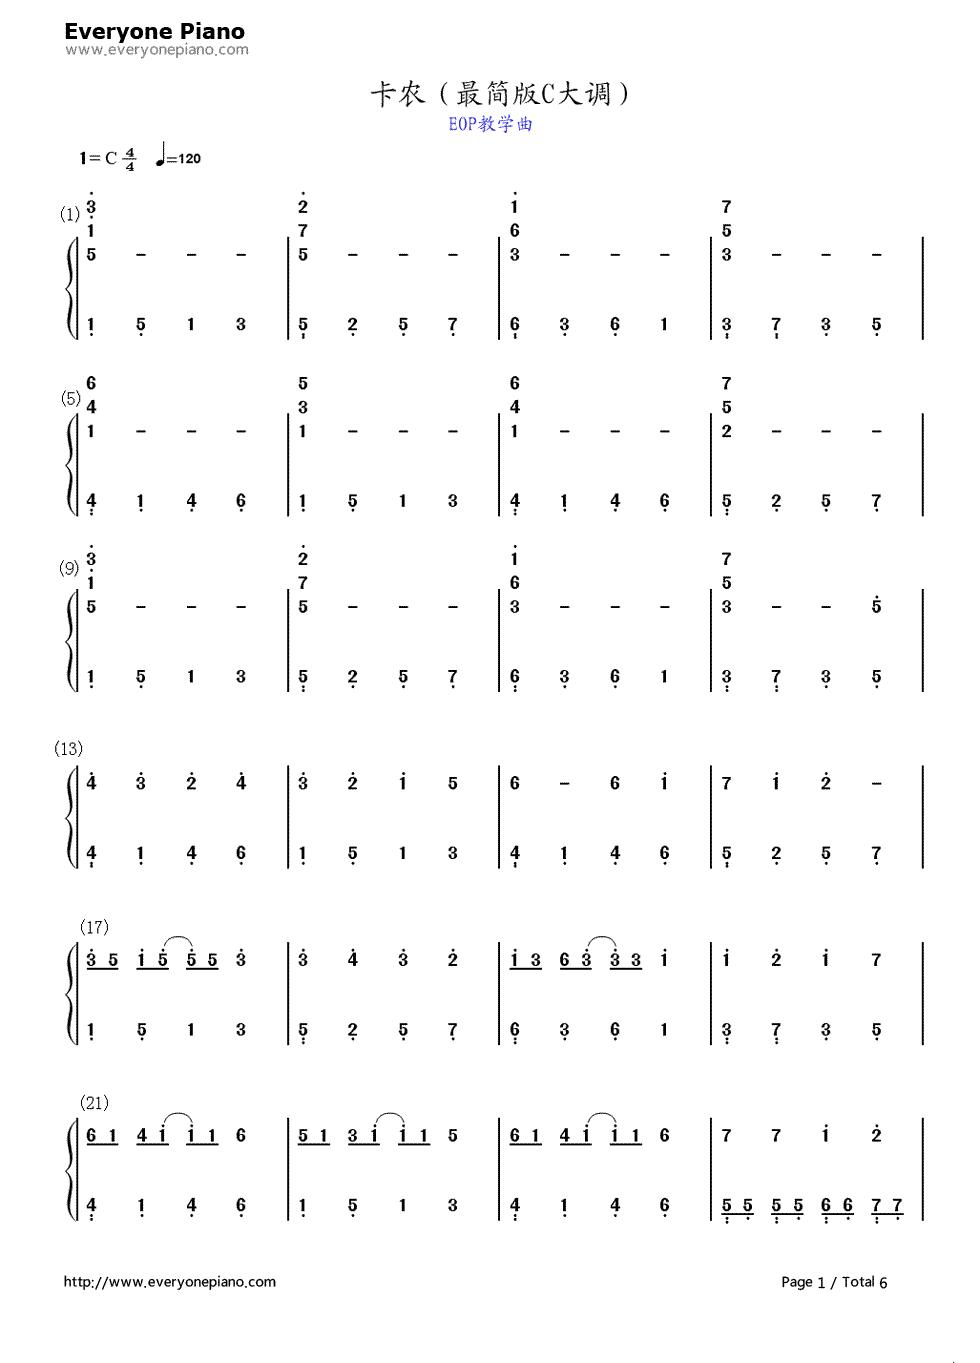 卡农简易钢琴谱